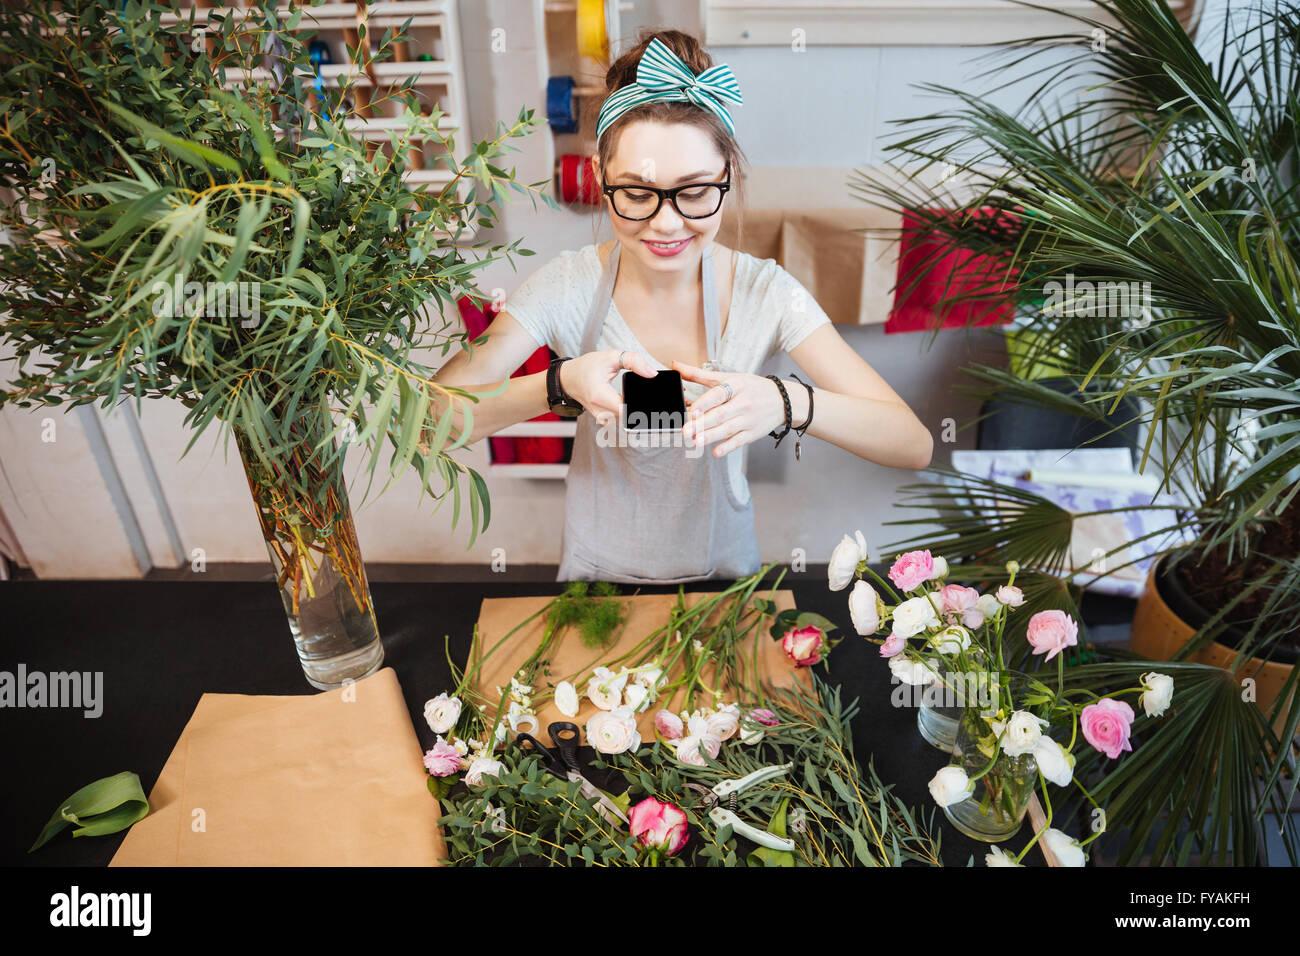 Felice bella giovane donna di scattare le foto di fiori sulla tavola in negozio Immagini Stock